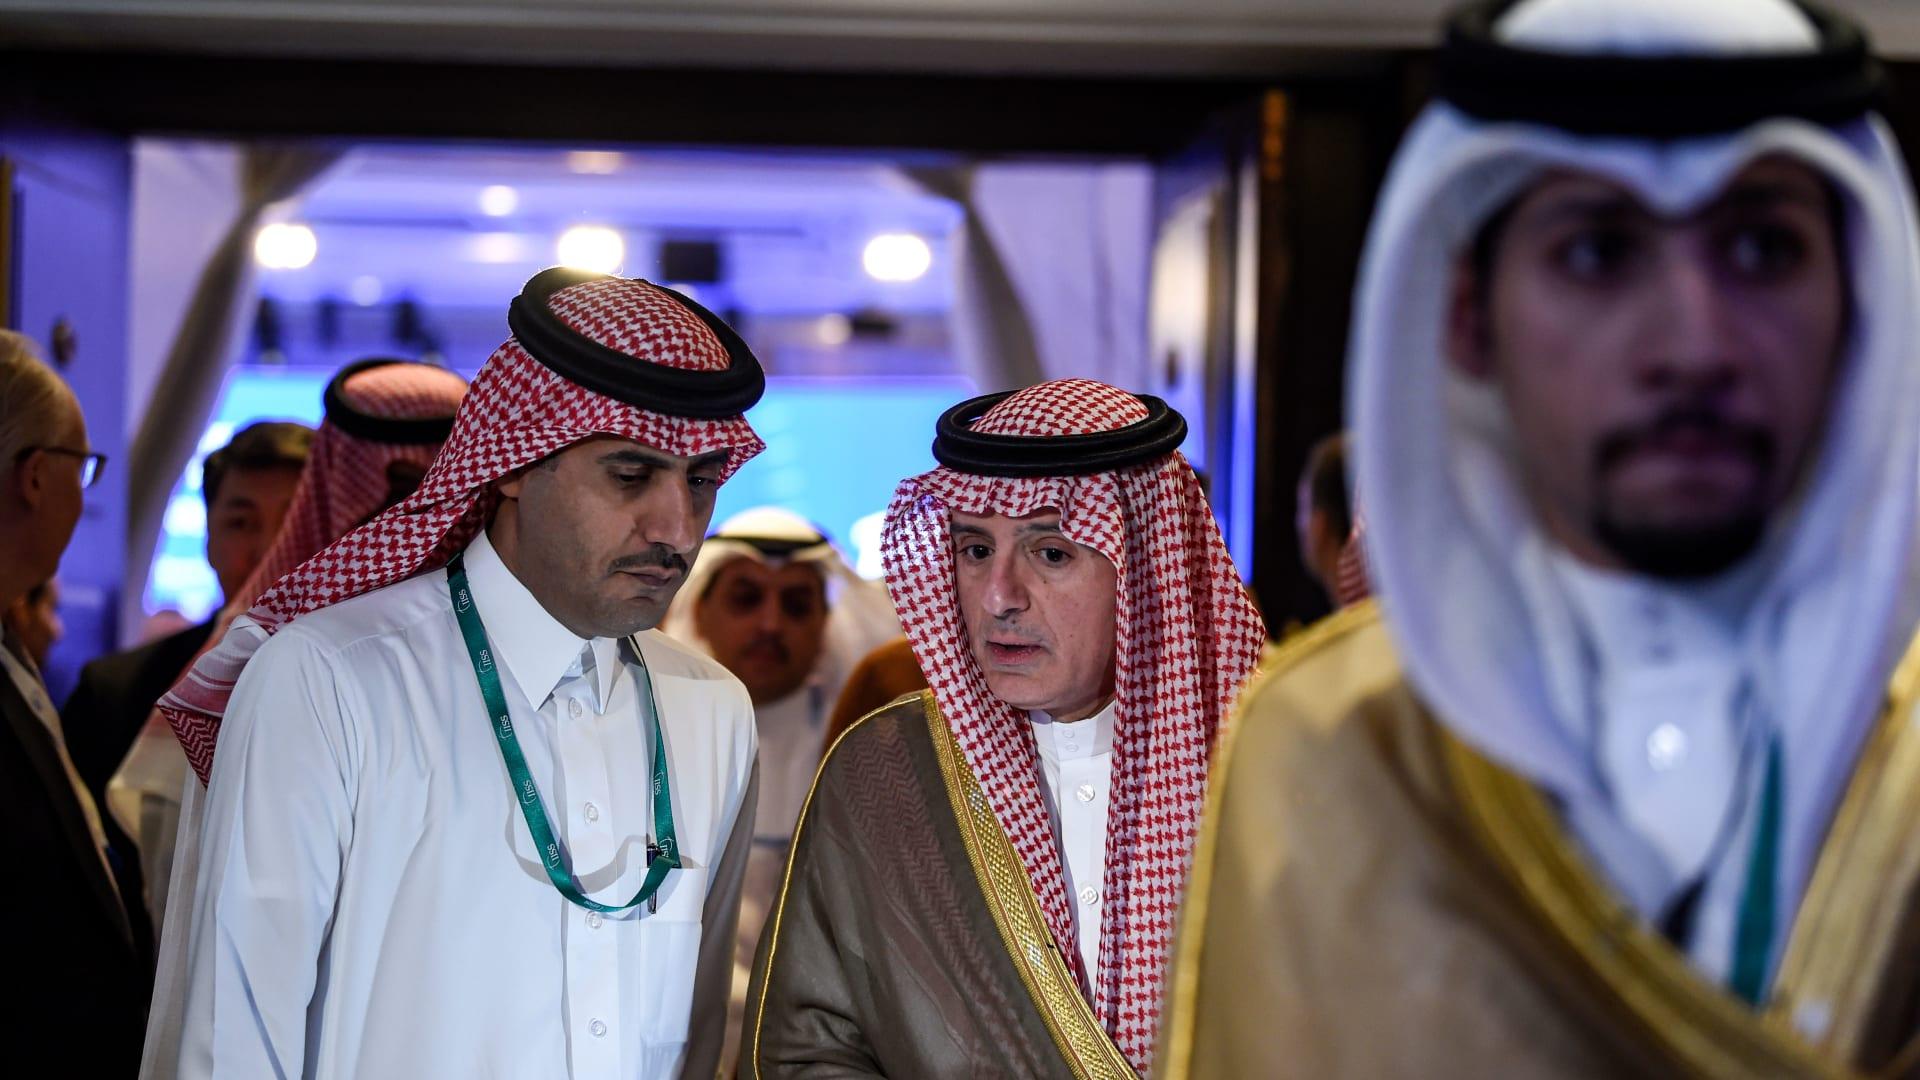 صورة ارشيفية للوزير عادل الجبير في البحرين